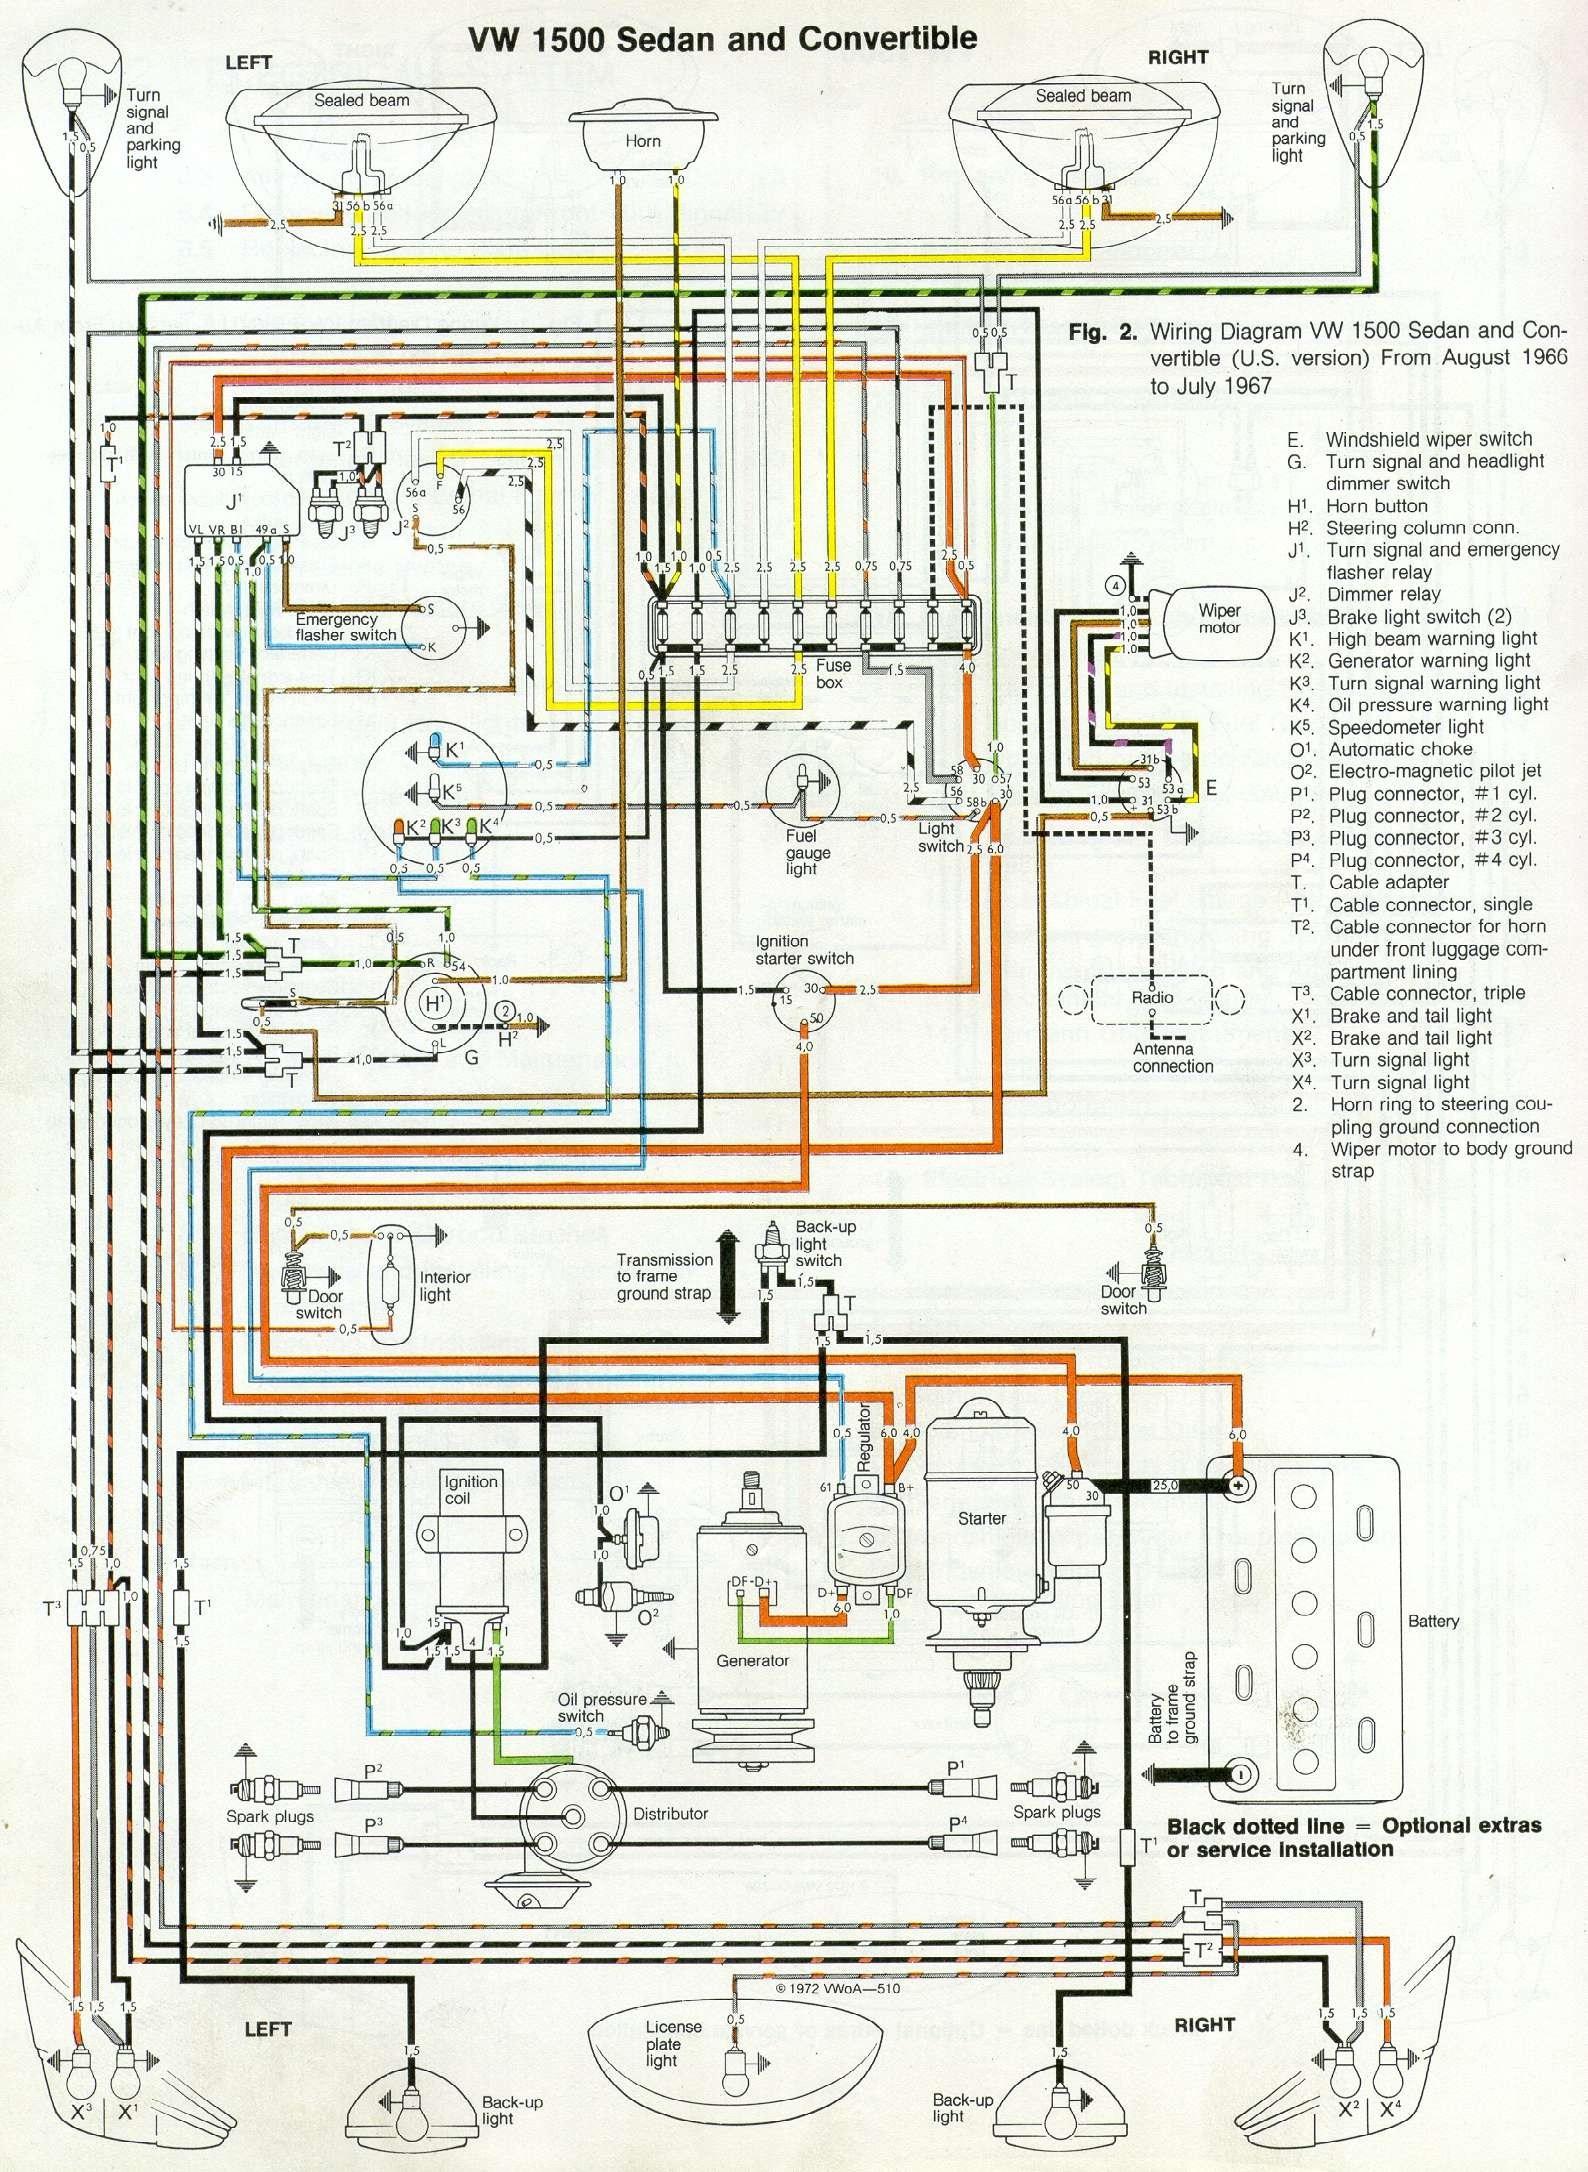 67 beetle wiring diagram u s version 1967 vw beetle turn flasher wiring vw beetle wiring digram